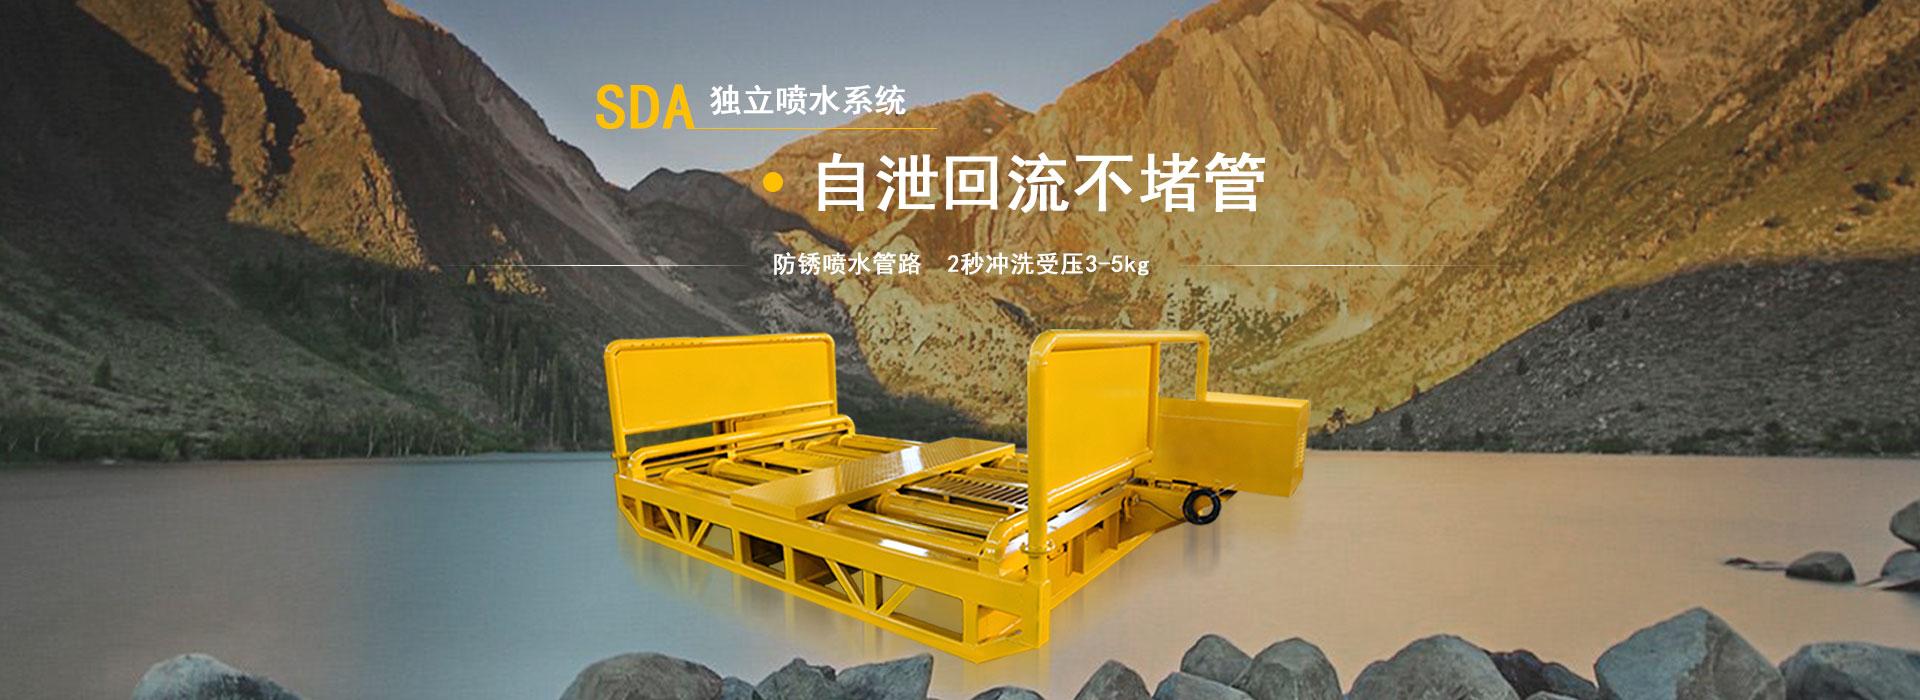 鲁企洗轮机,SDA独立喷水系统,自泄回流不堵管